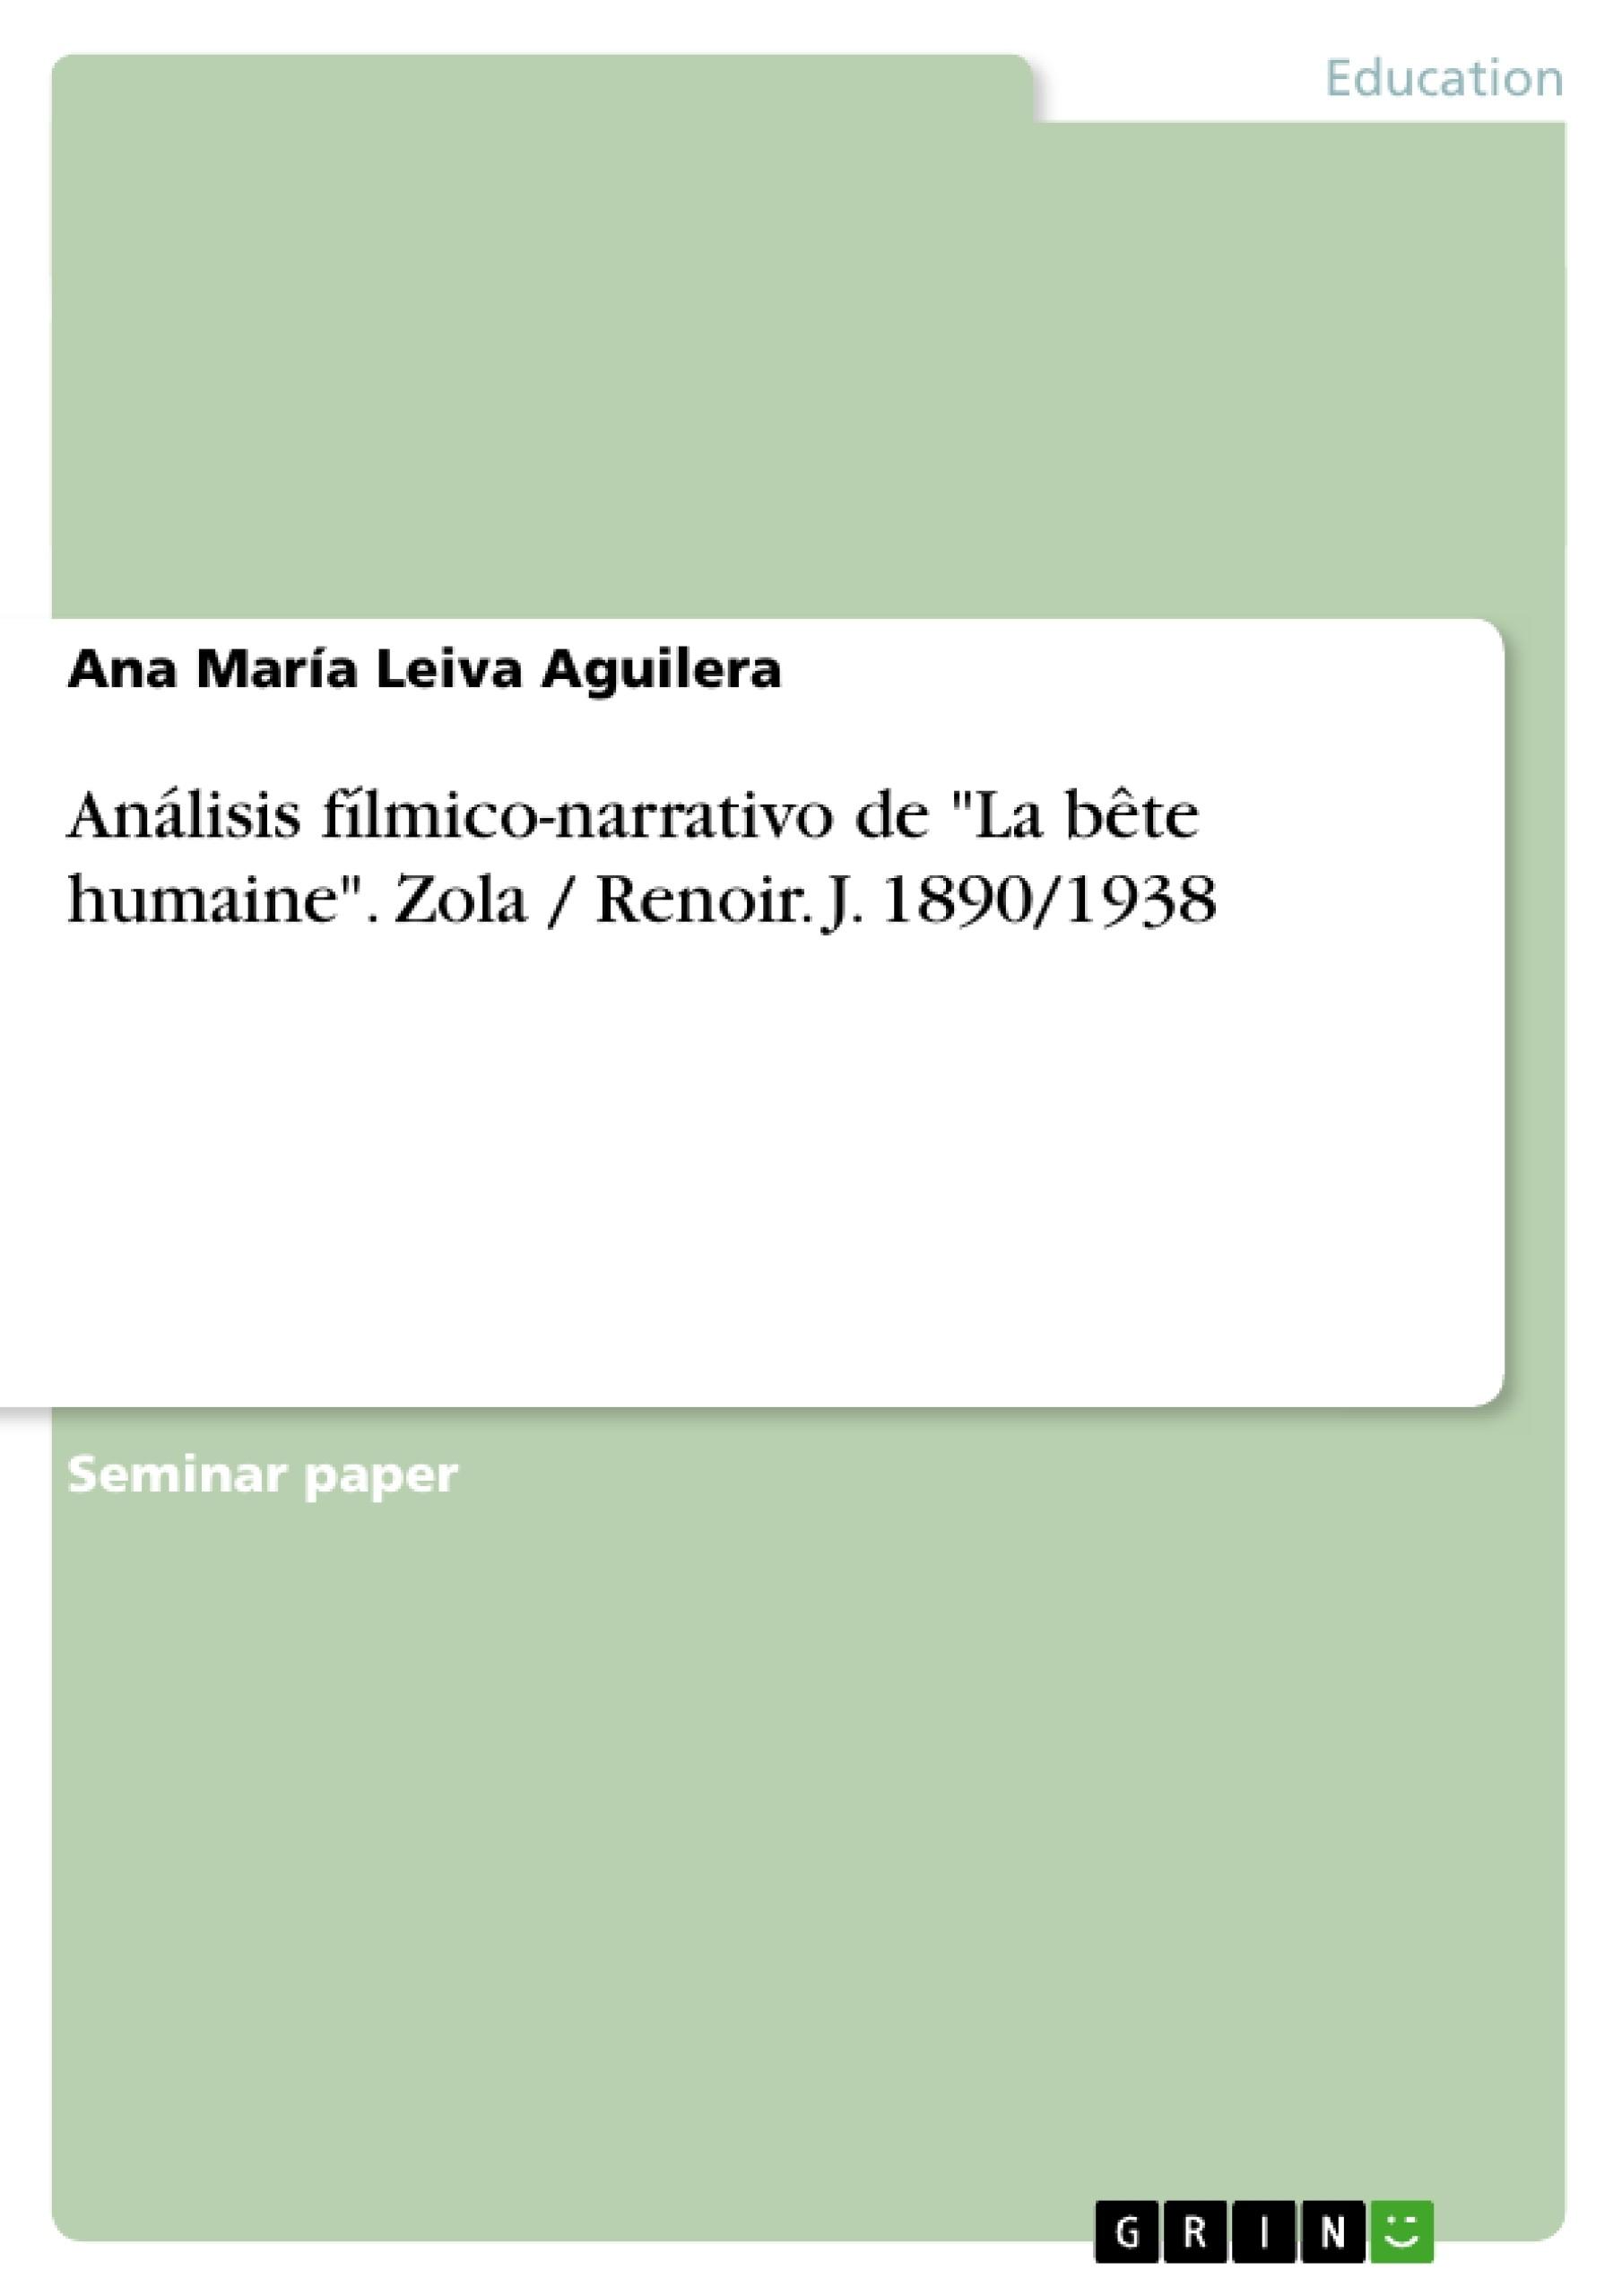 """Título: Análisis fílmico-narrativo de """"La bête humaine"""". Zola / Renoir. J. 1890/1938"""